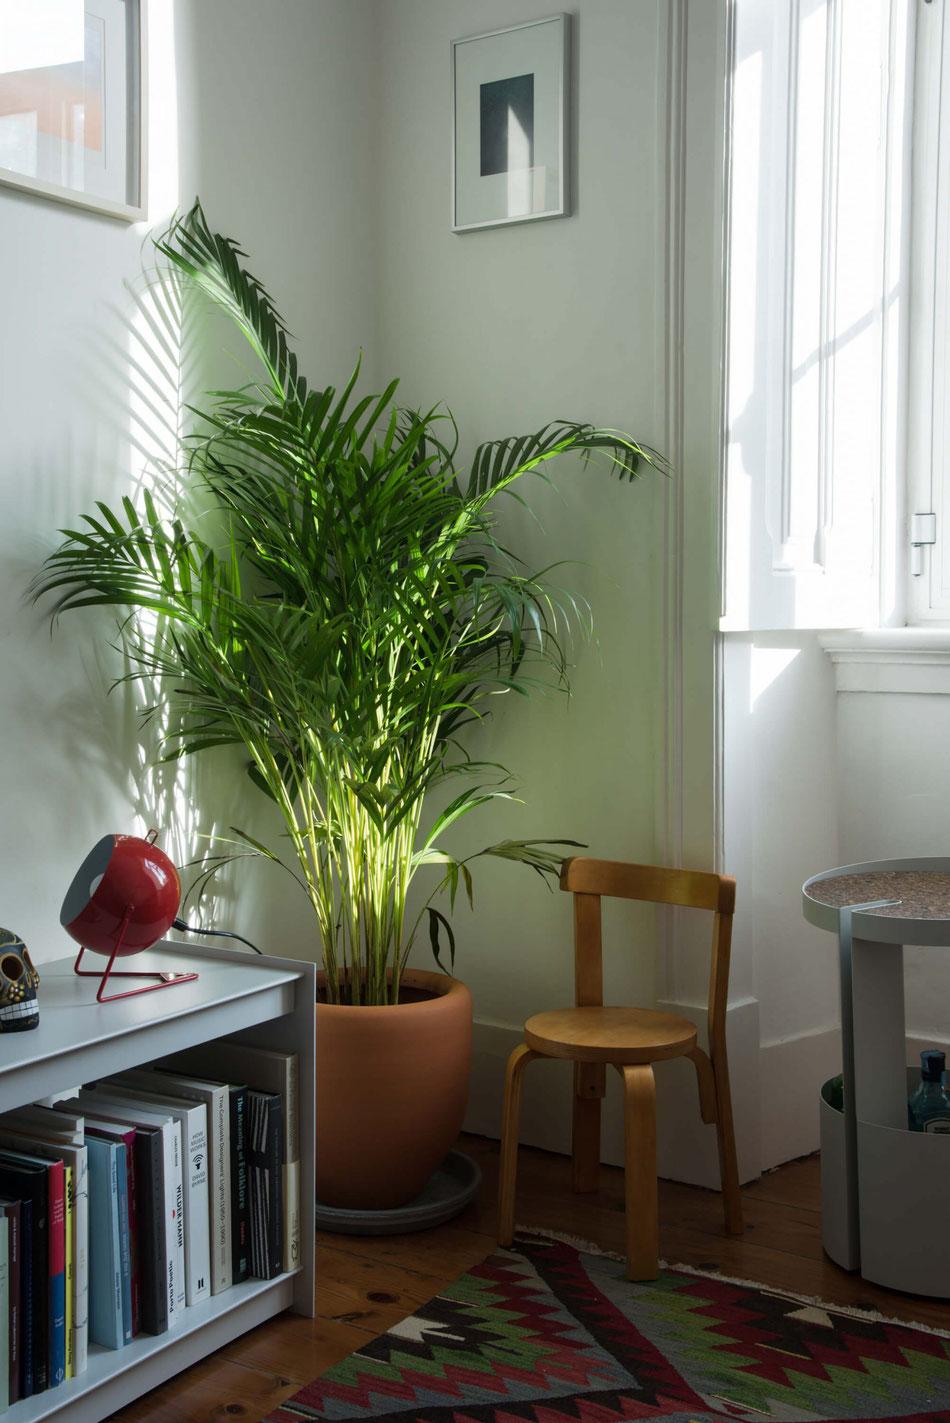 Plié Floor Unit, 120 cm, light grey by UTIL